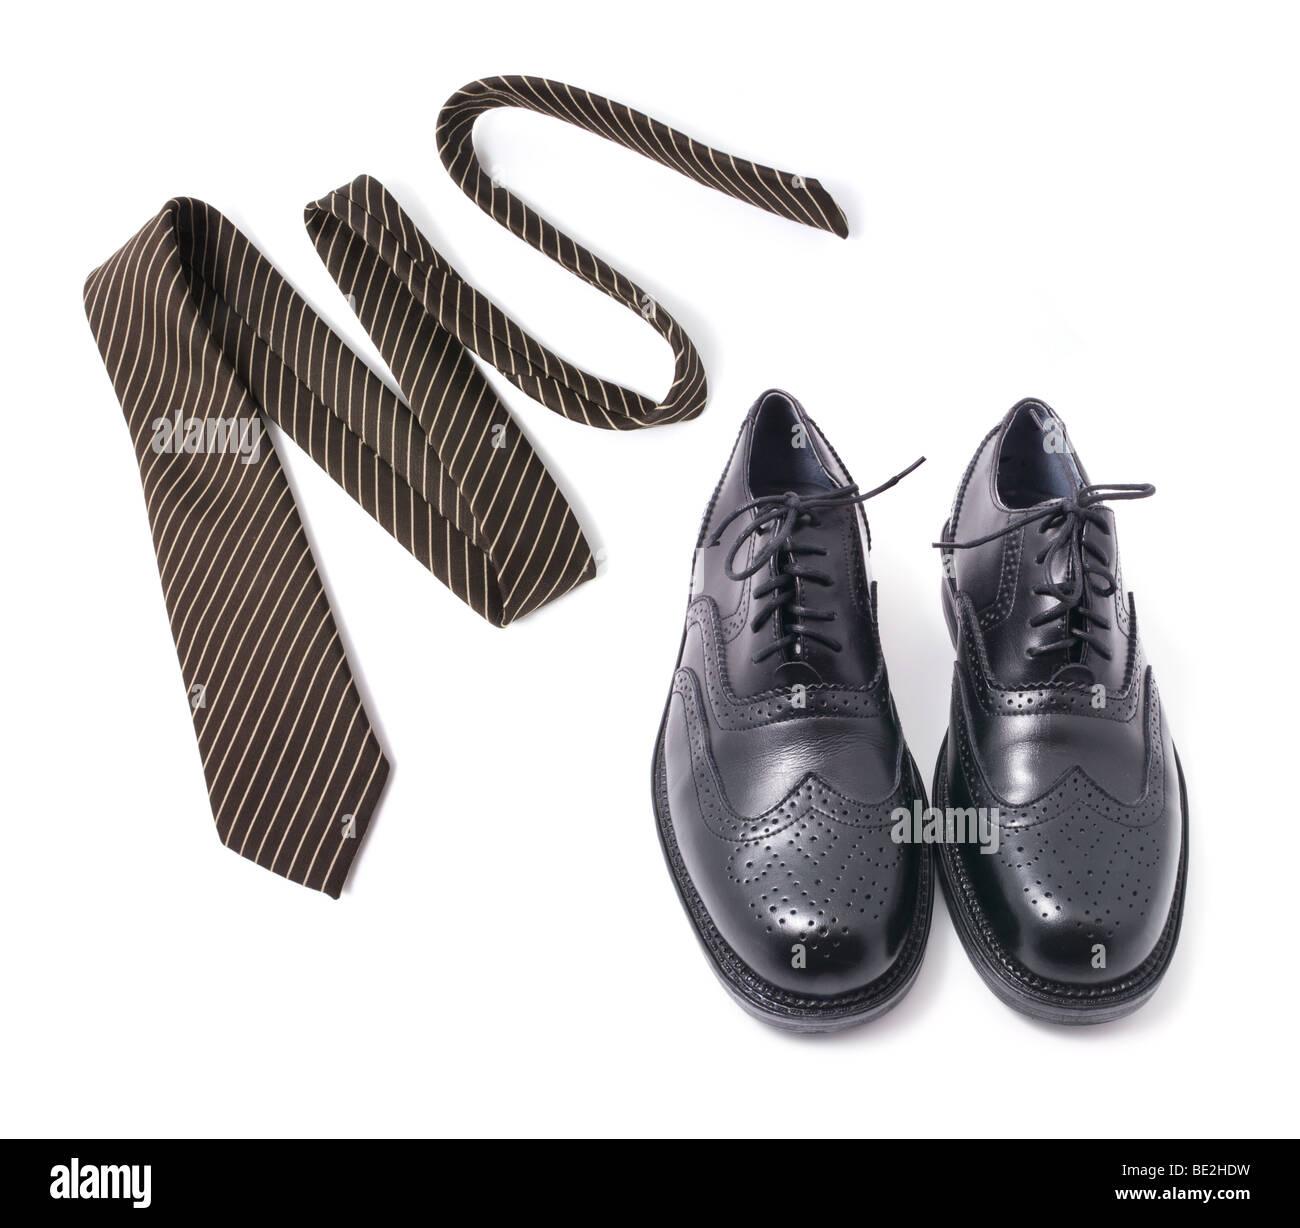 Cravatta e scarpe da uomo Immagini Stock